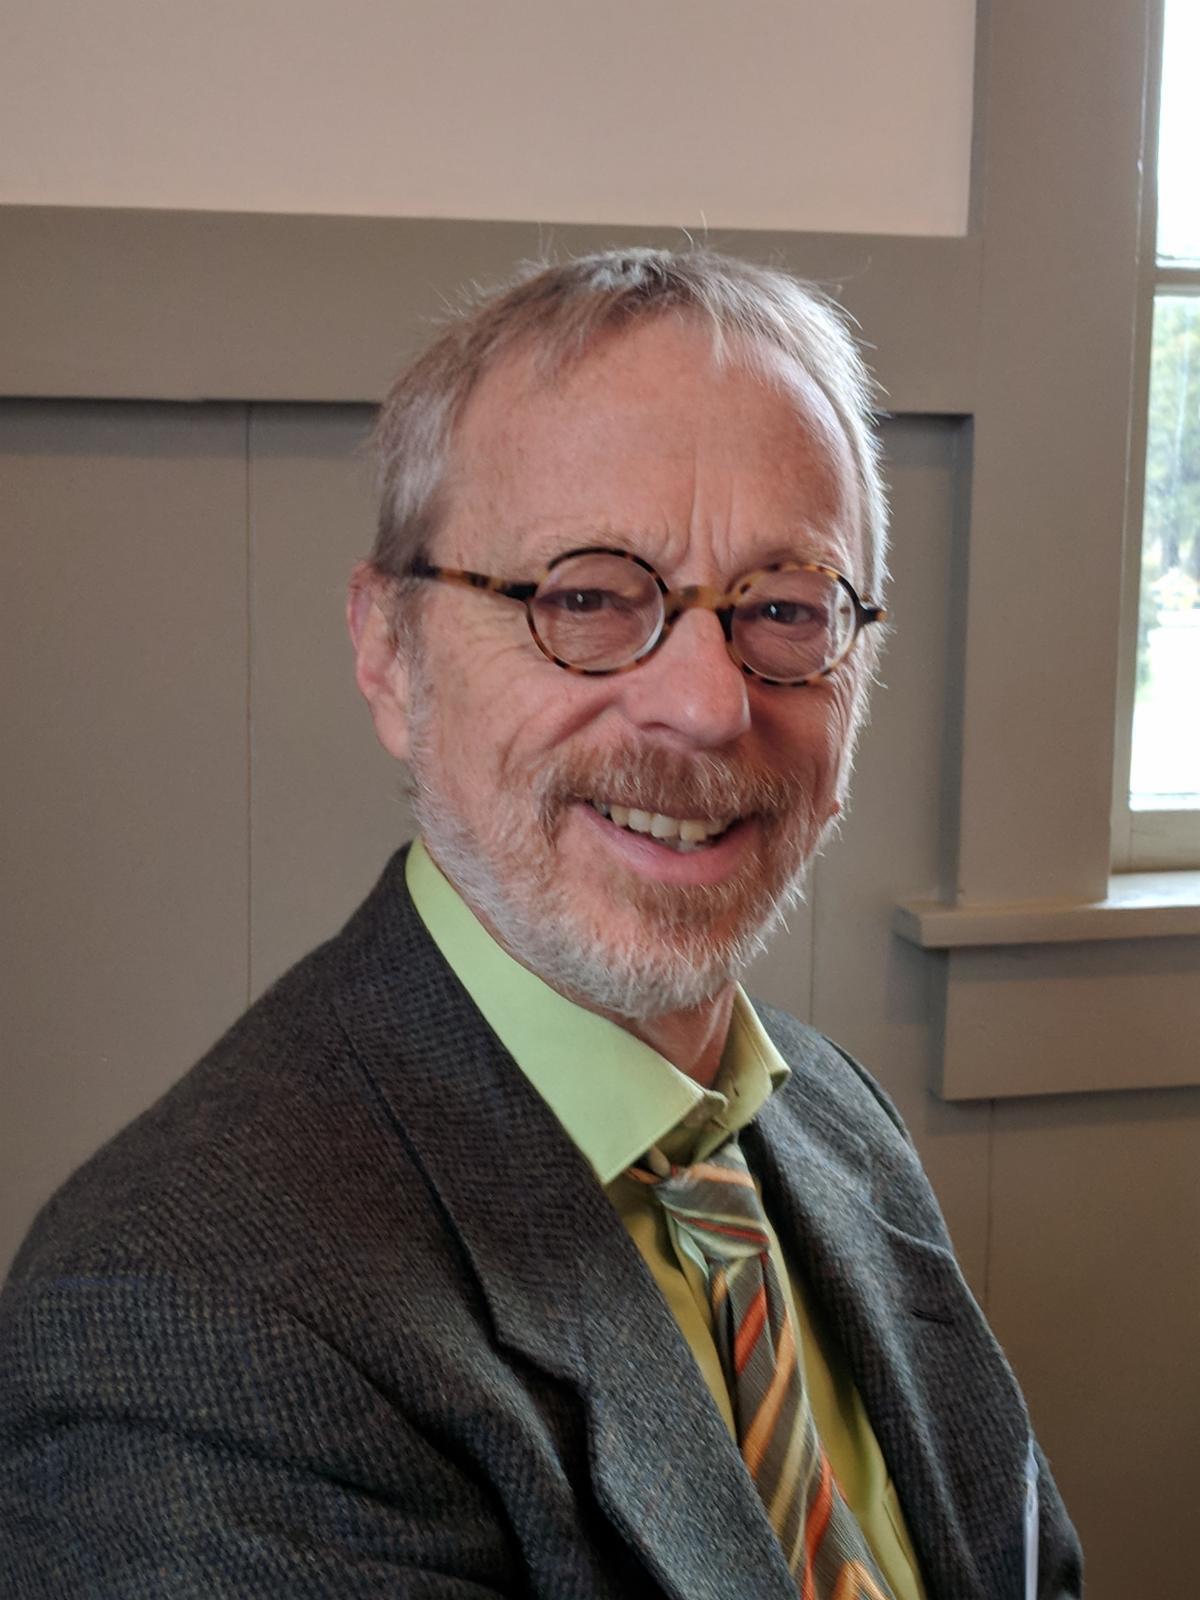 Rev. Bill Sterrett